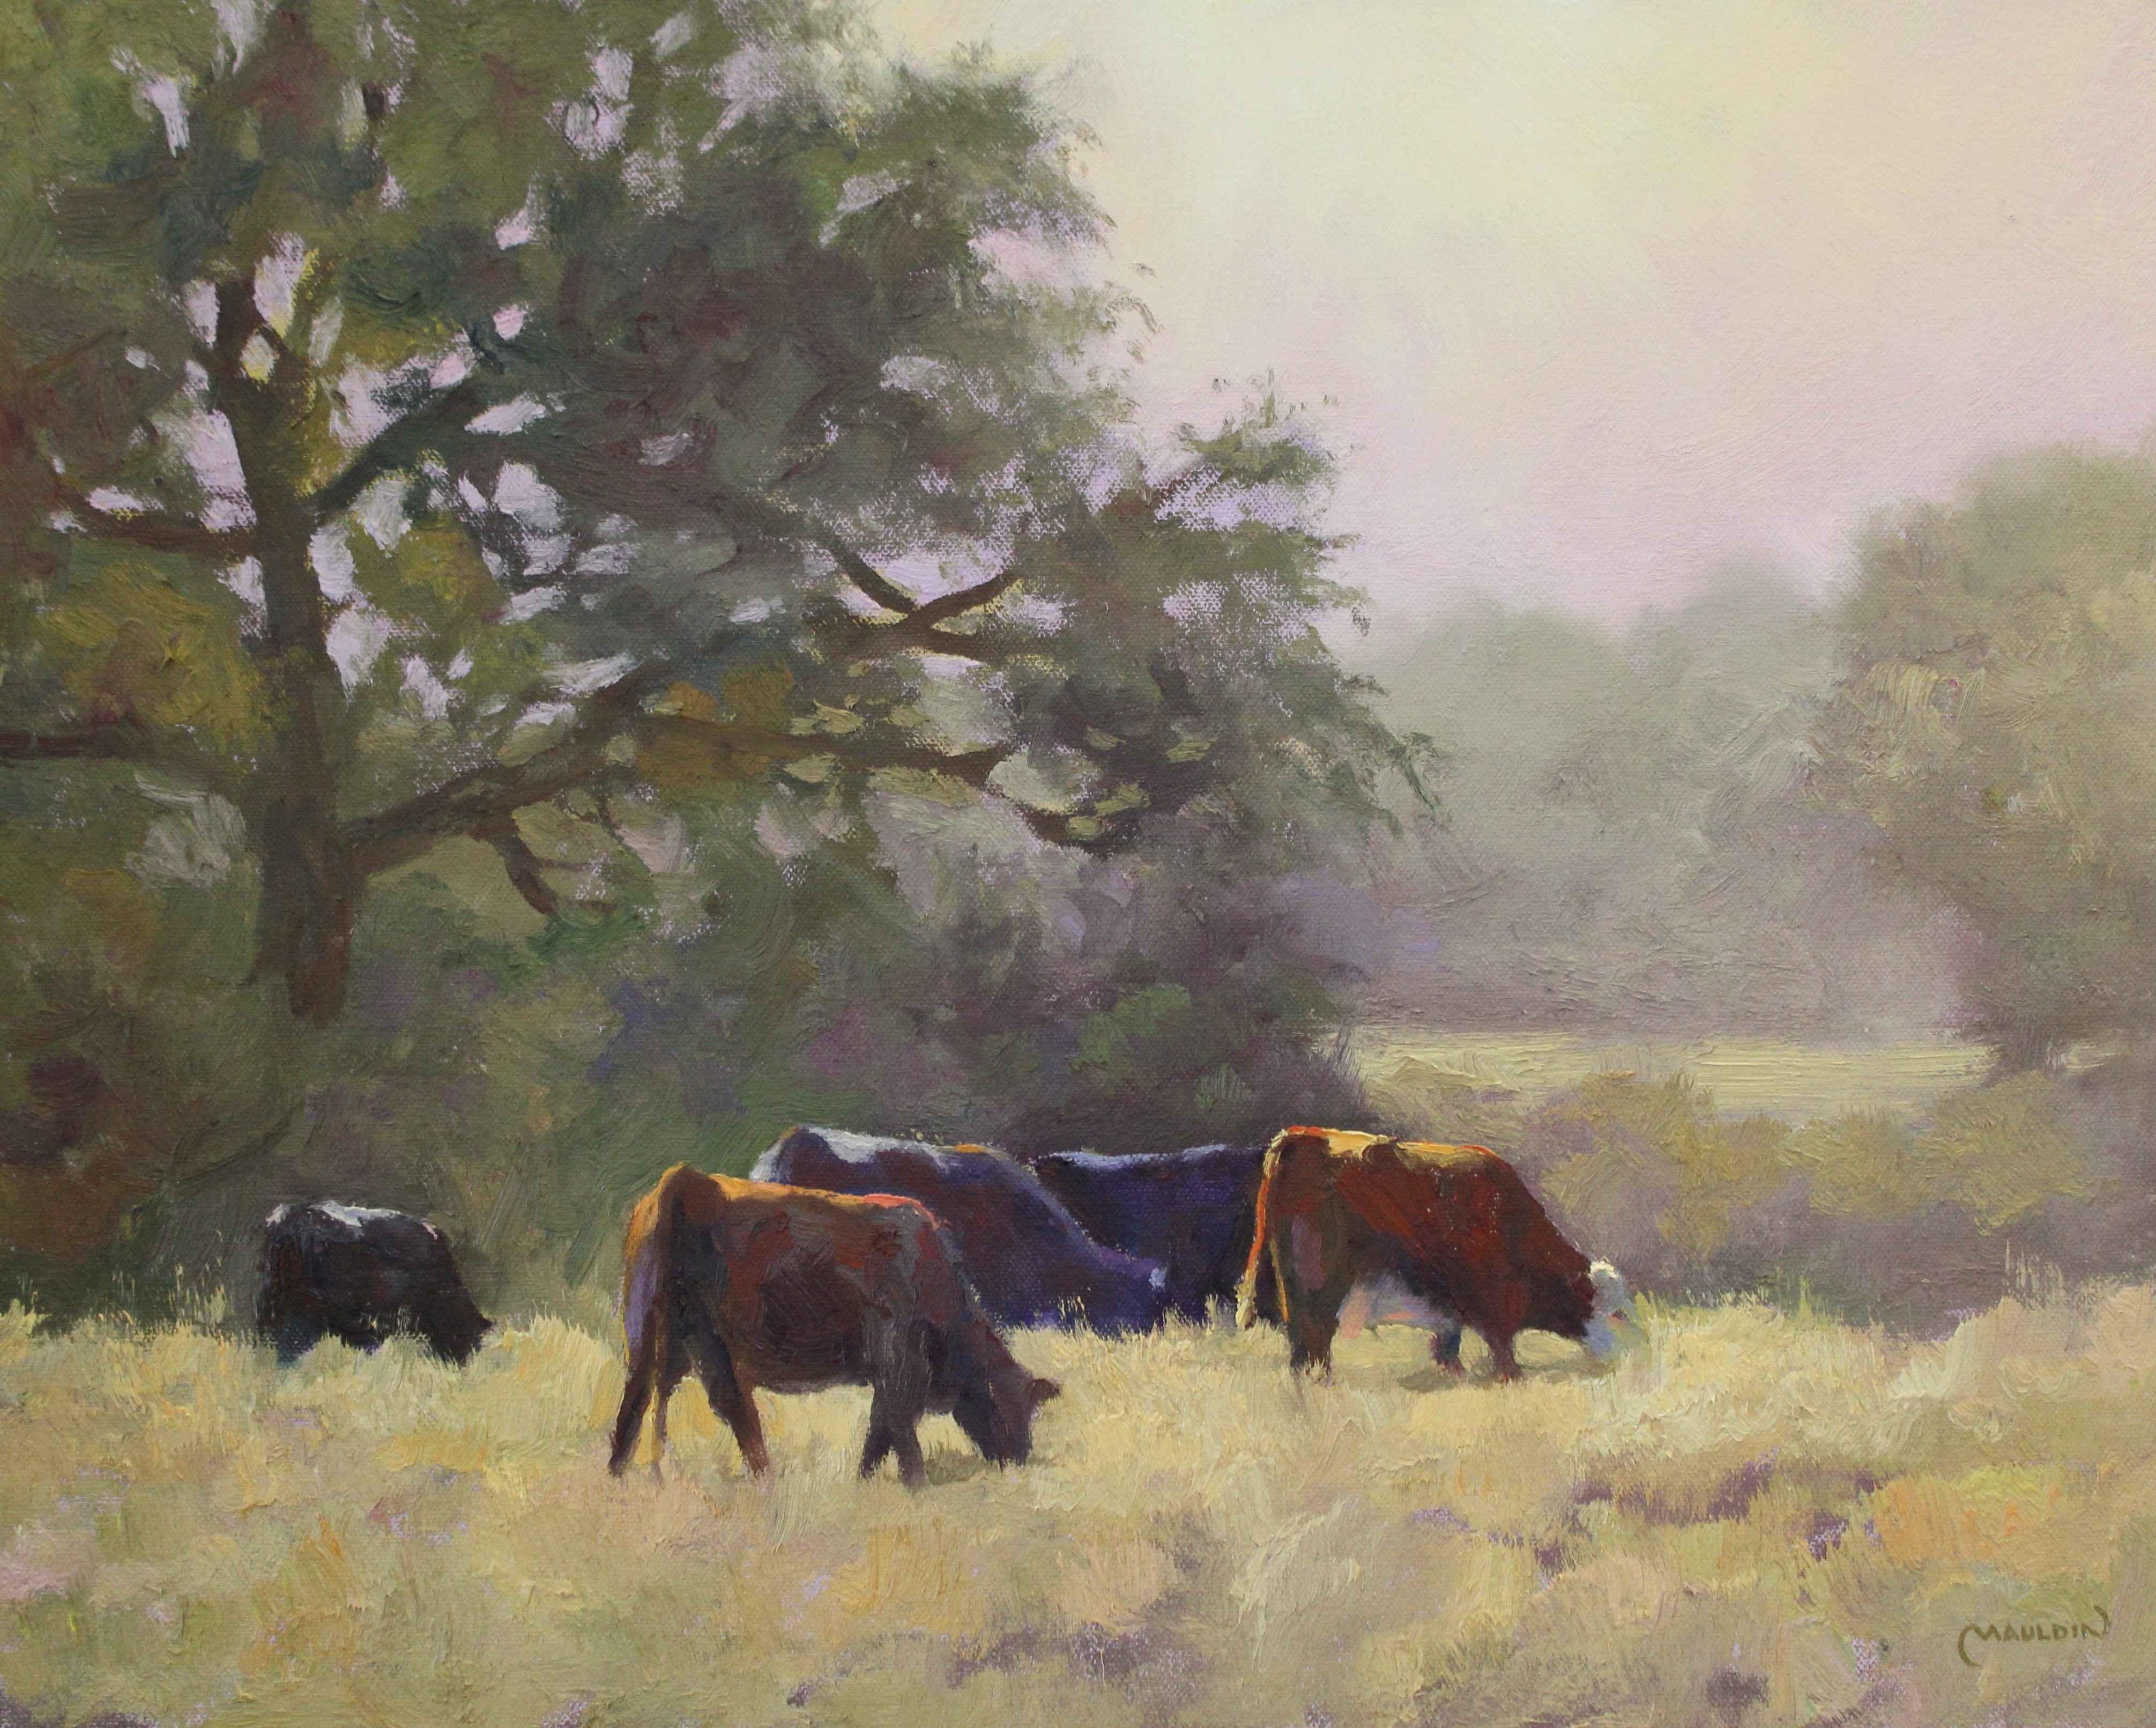 Meadow Mowers by  Chuck Mauldin - Masterpiece Online